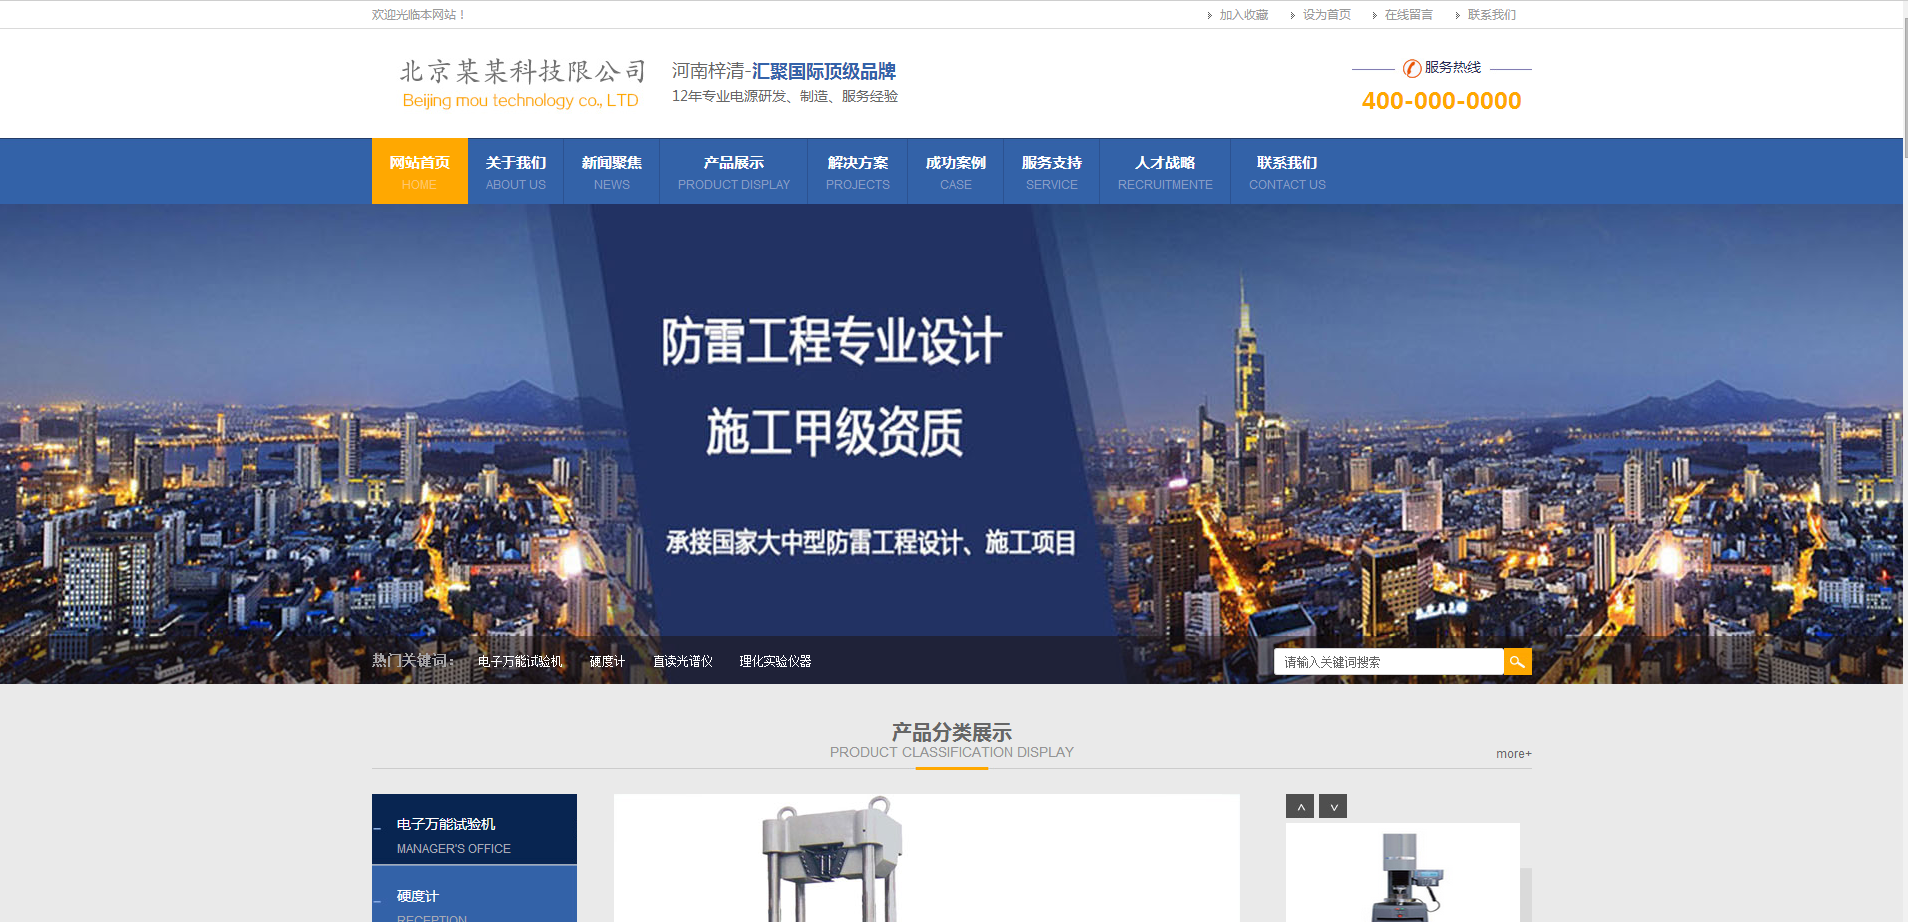 蓝色大气建筑工程施工科技企业公司网站模板下载